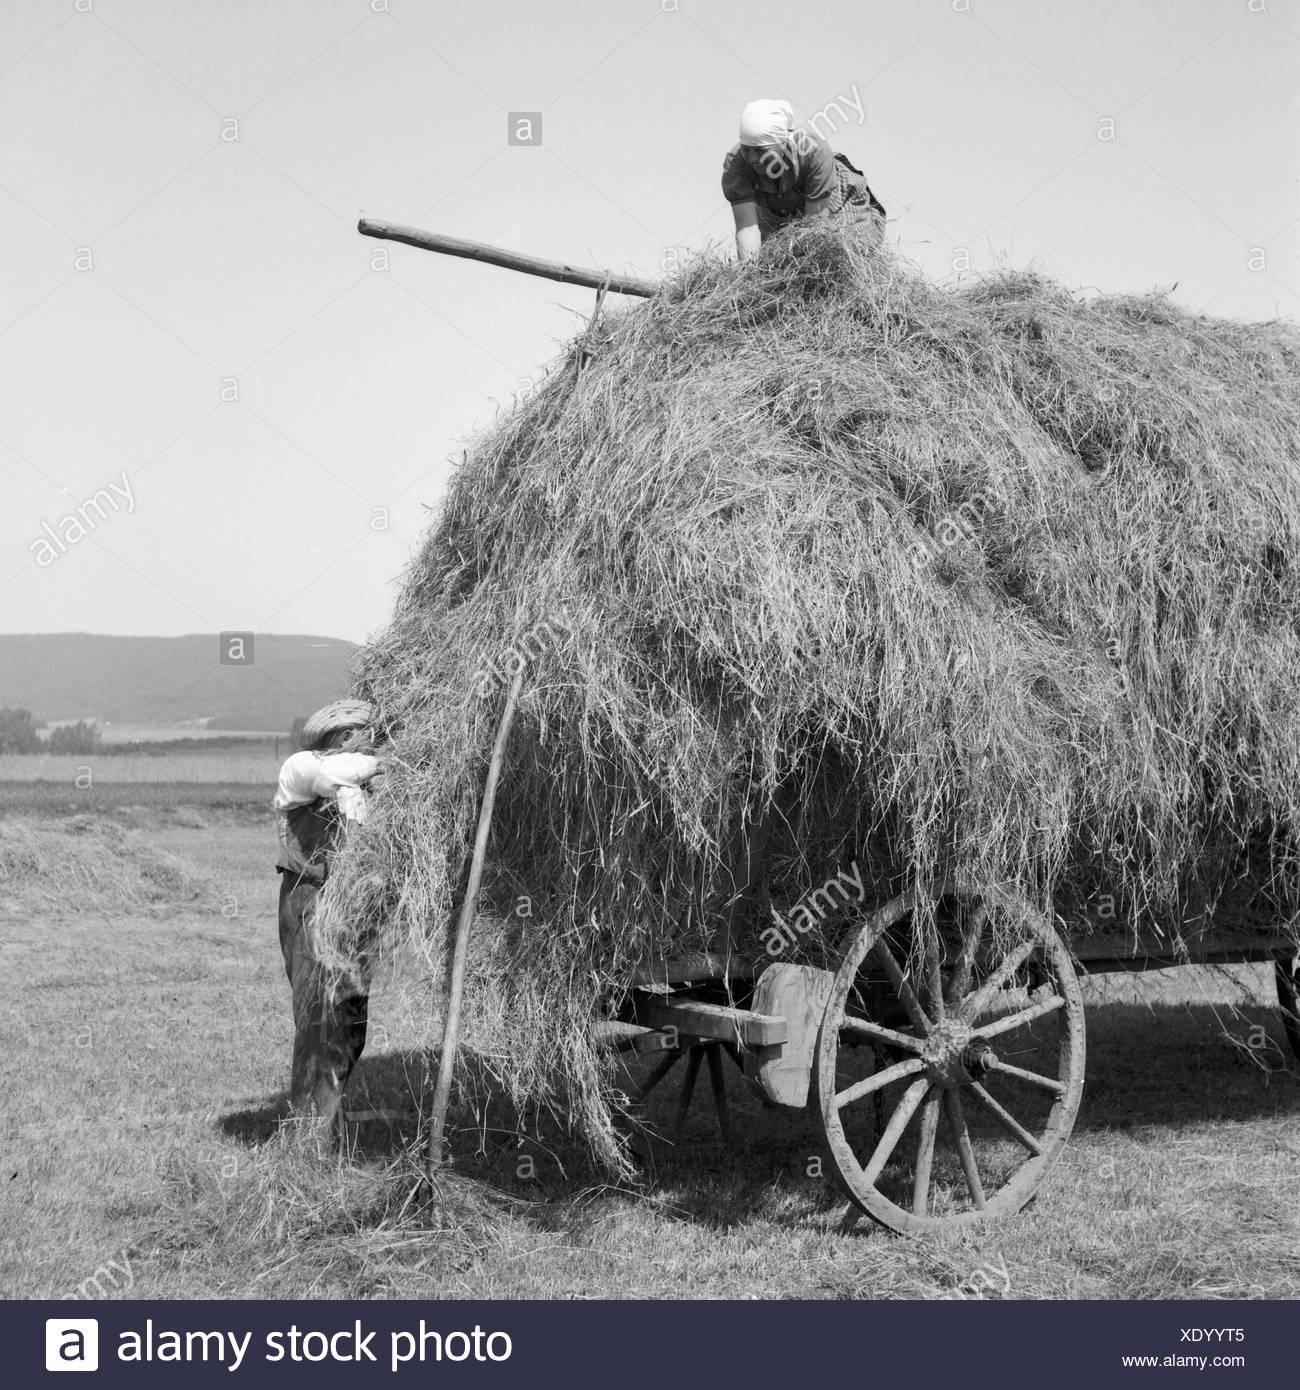 Bauern Bei der Heuernte in Westfalen, Deutschland, 1930er Jahre. Bauern Heuernte am Wesfalia, Deutschland der 1930er Jahre. Stockbild